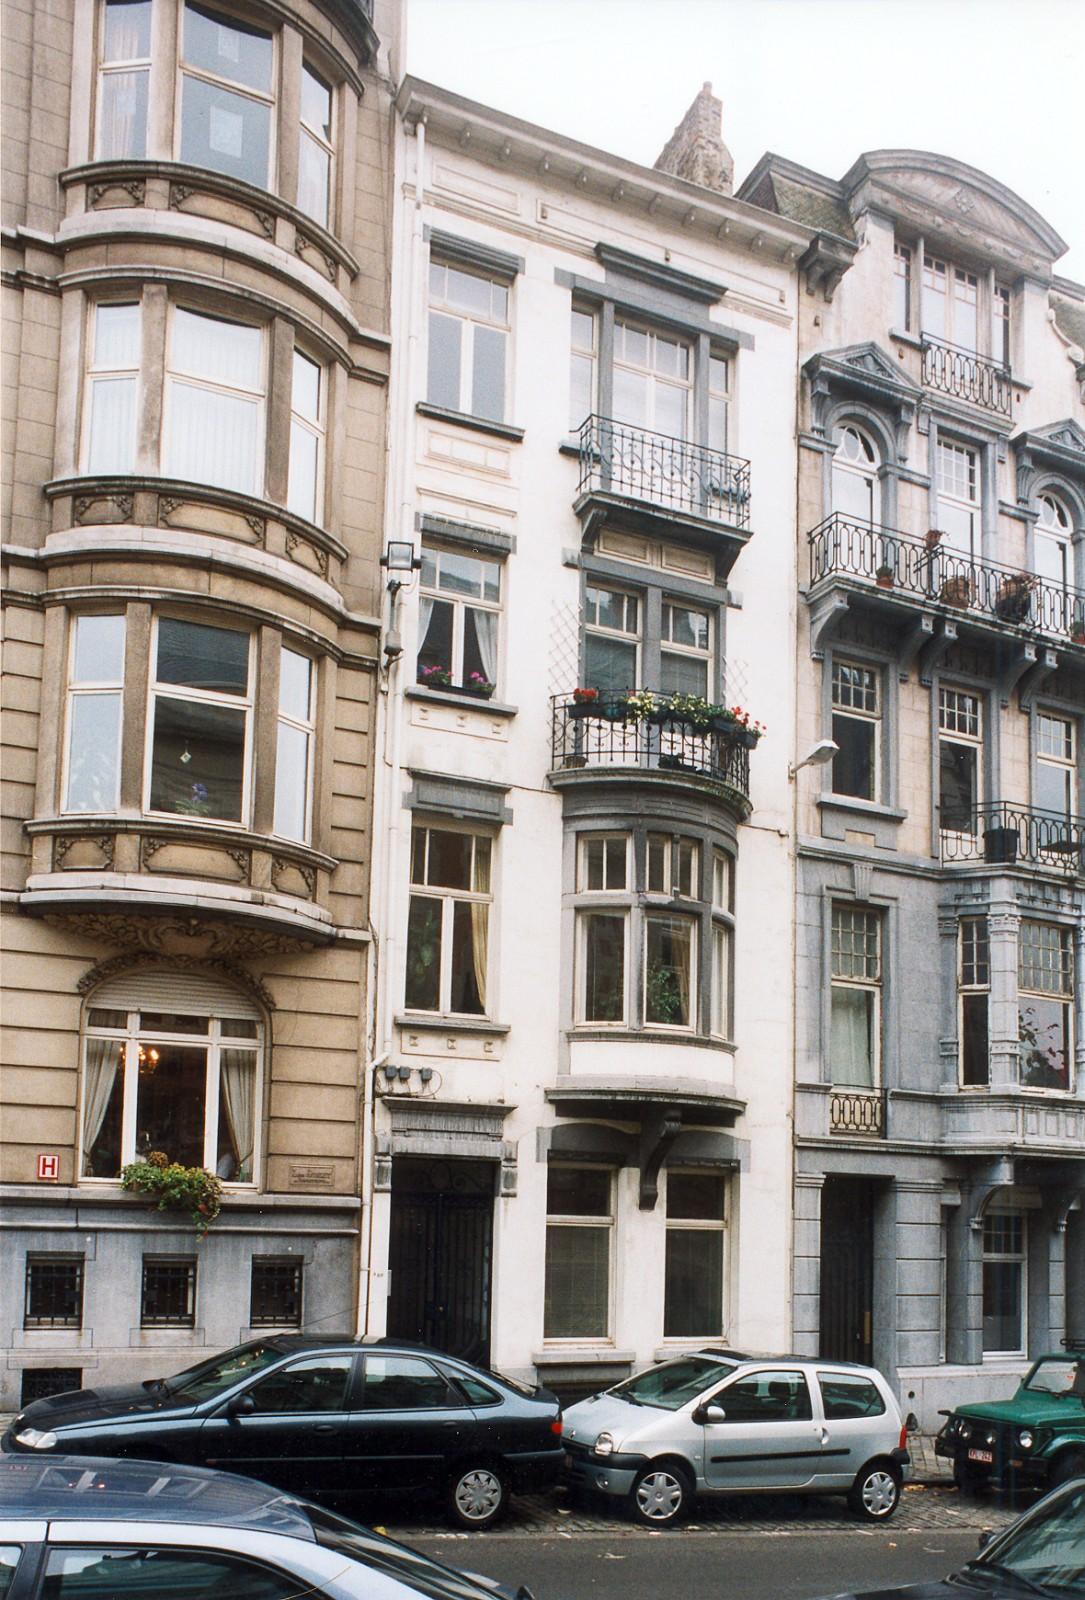 Place Maurice Van Meenen 20., 2003